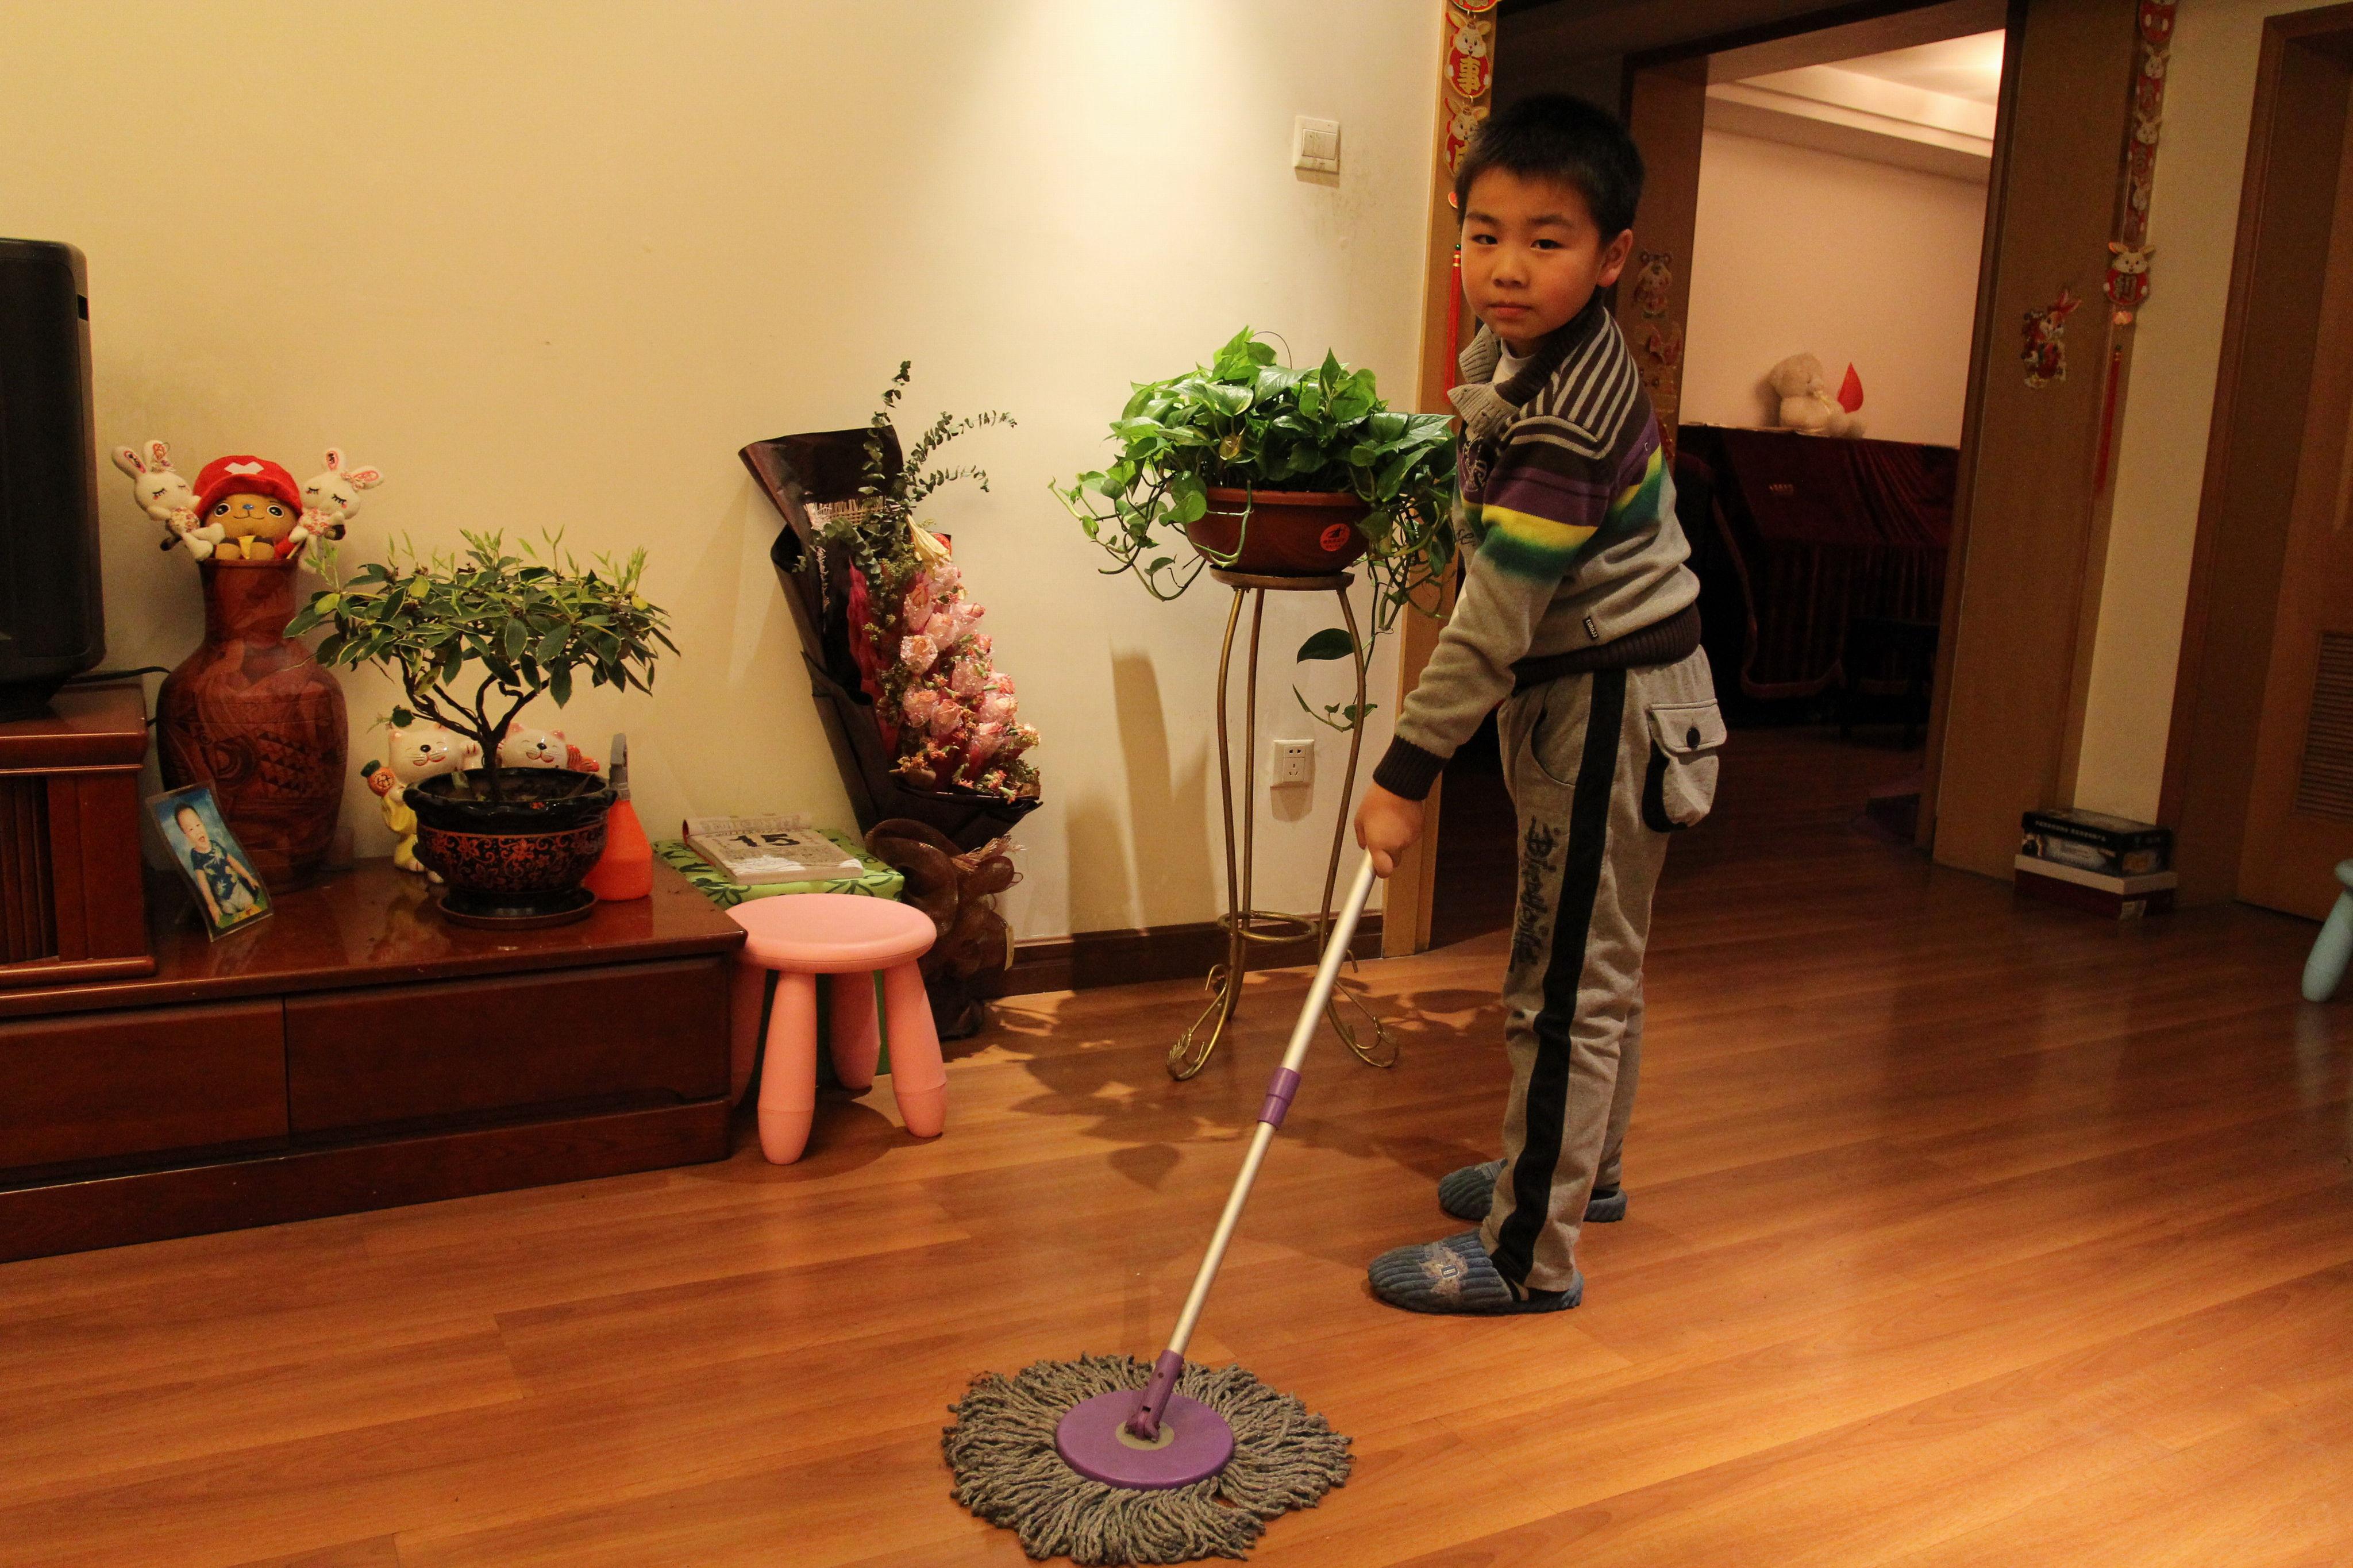 帮父母做家务的图片